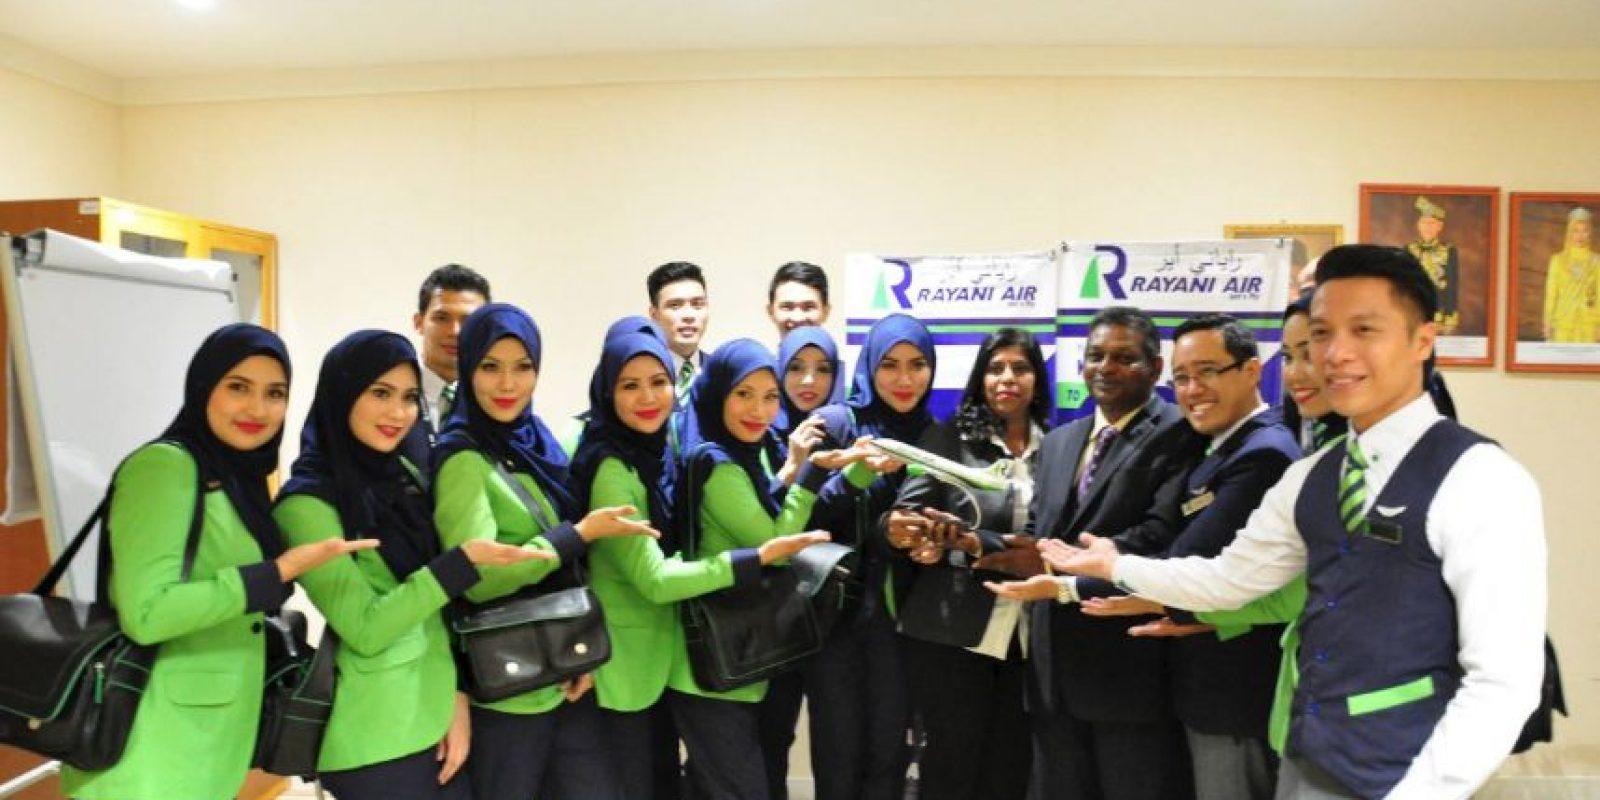 Por lo mismo, las mujeres de la tripulación tendrán que cubrir su cabeza con un hiyab. Foto:Vía facebook.com/OfficialRayaniAir